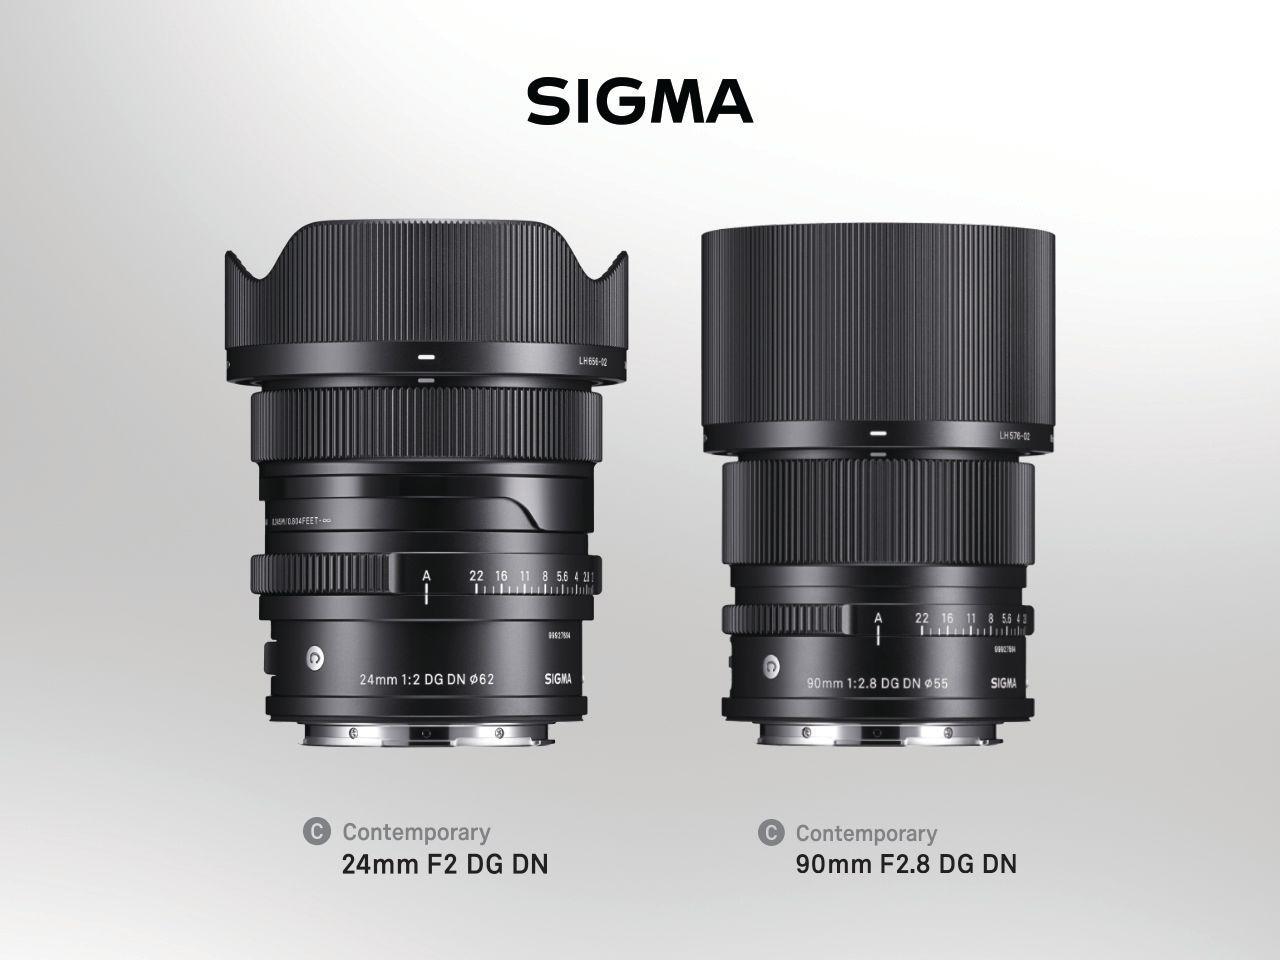 SIGMA 90mm F2.8 DG DN Contemporary i SIGMA 24mm F2 DG DN Contemporary